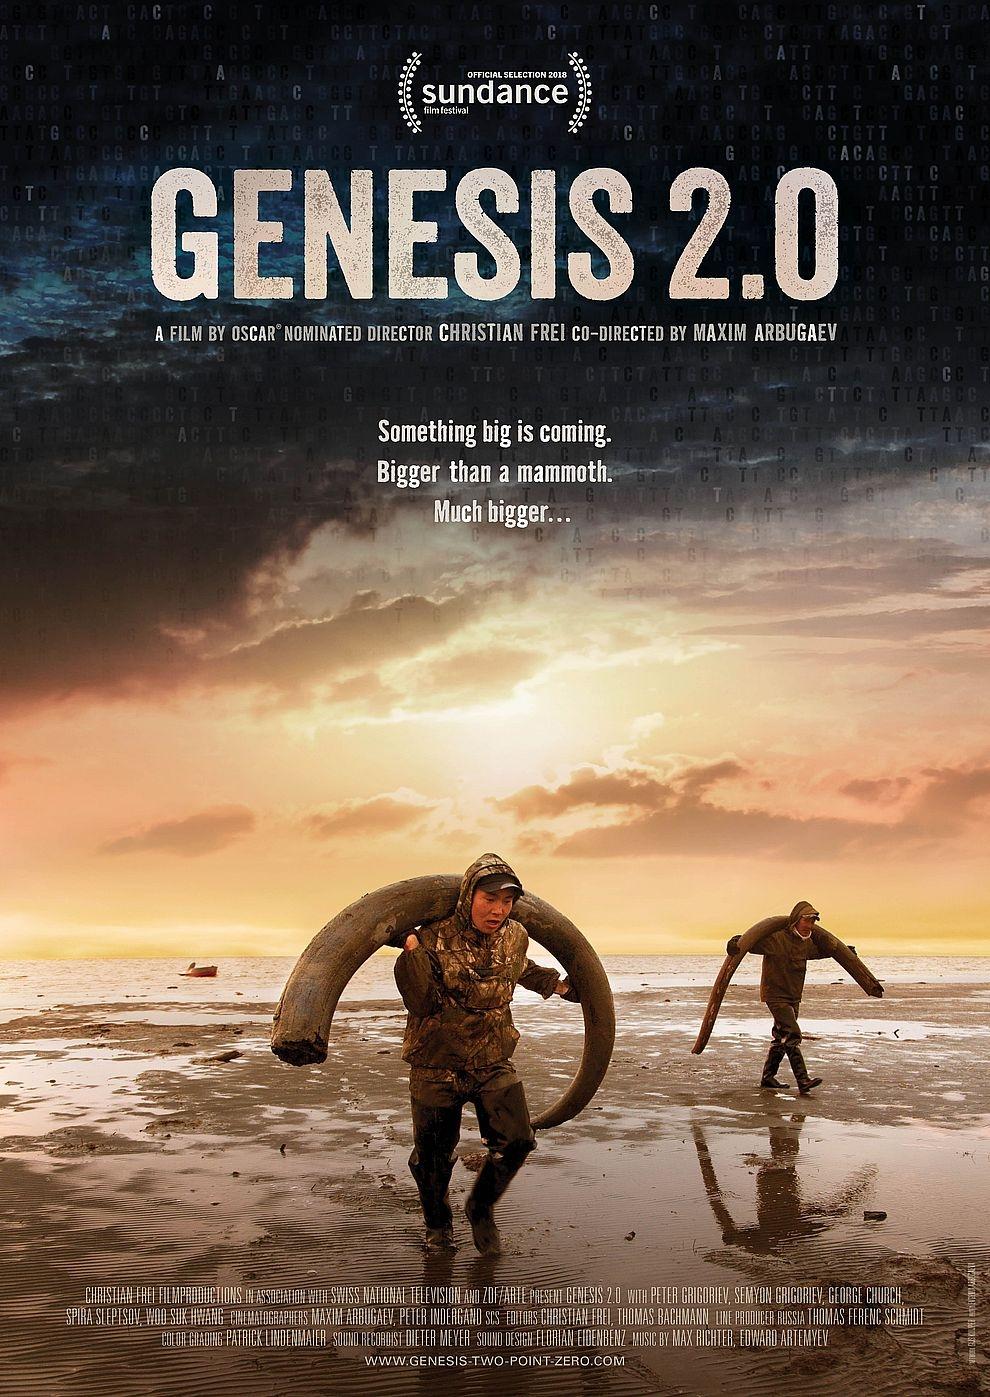 Genesis 2.0 (Poster)